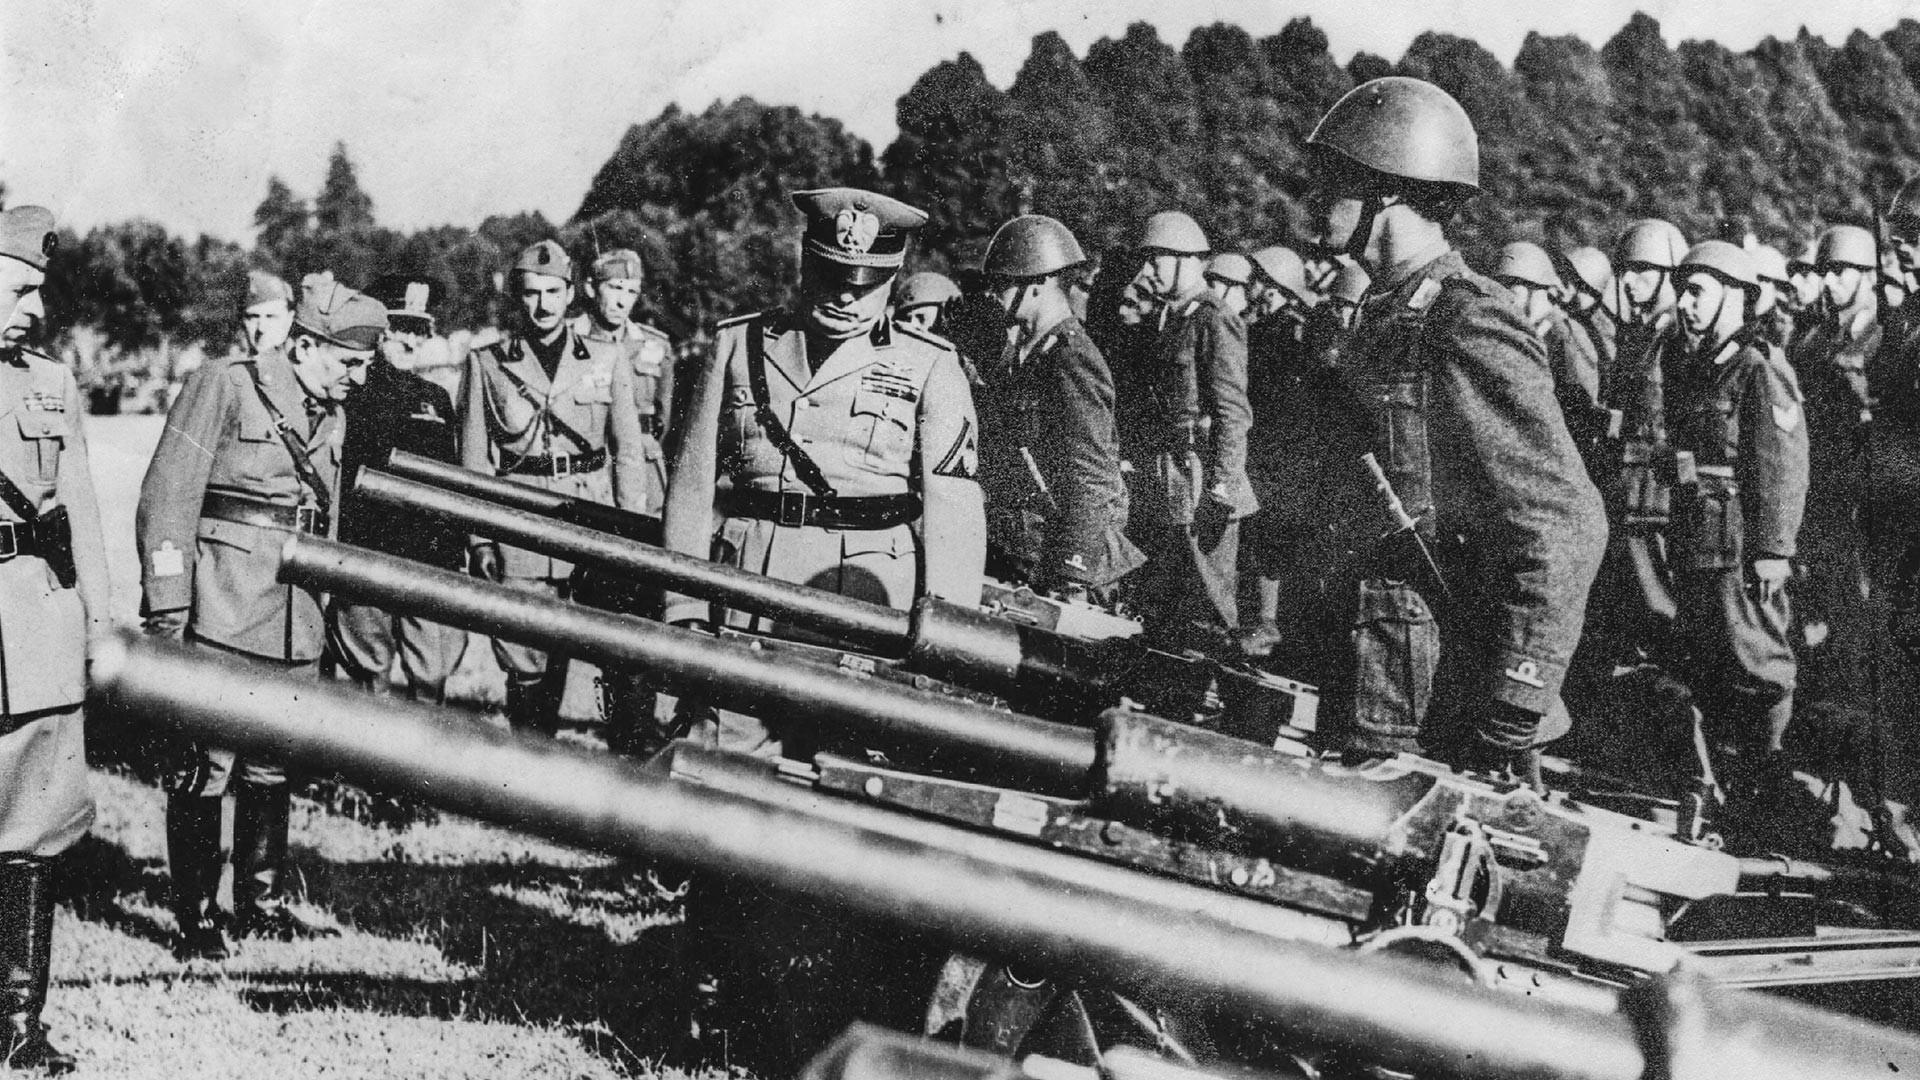 Mussolini kontrolira četiri topa prije nego što će ih poslati s prvom divizijom vojnika na ruski front. 1941.